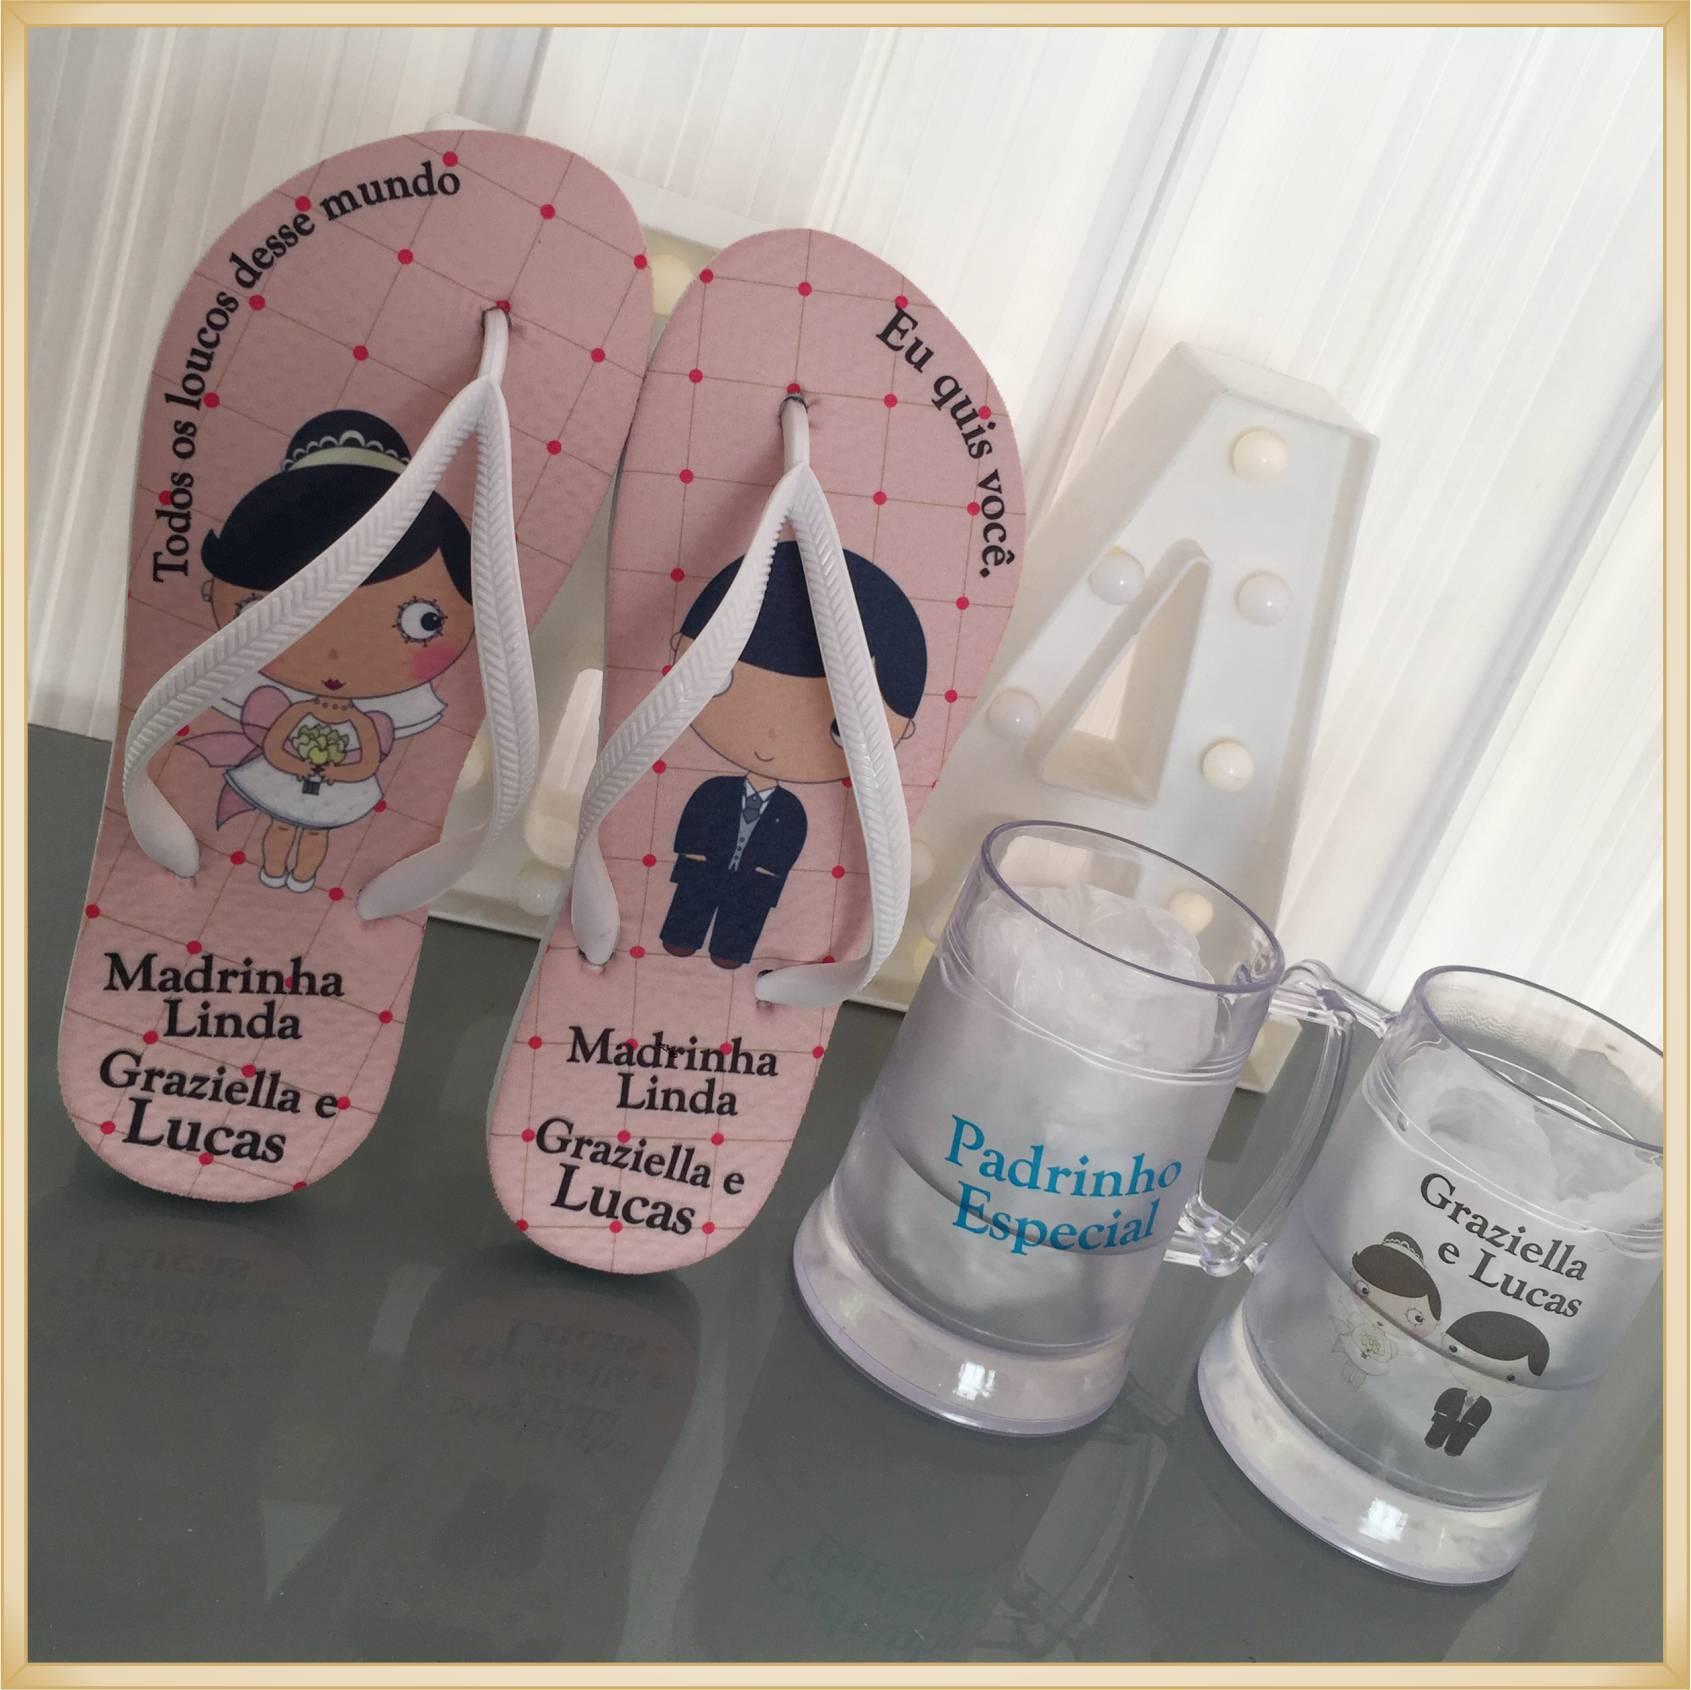 Kit personalizado casamento padrinhos Chinelos + canecas de gel -  10 unidades de cada